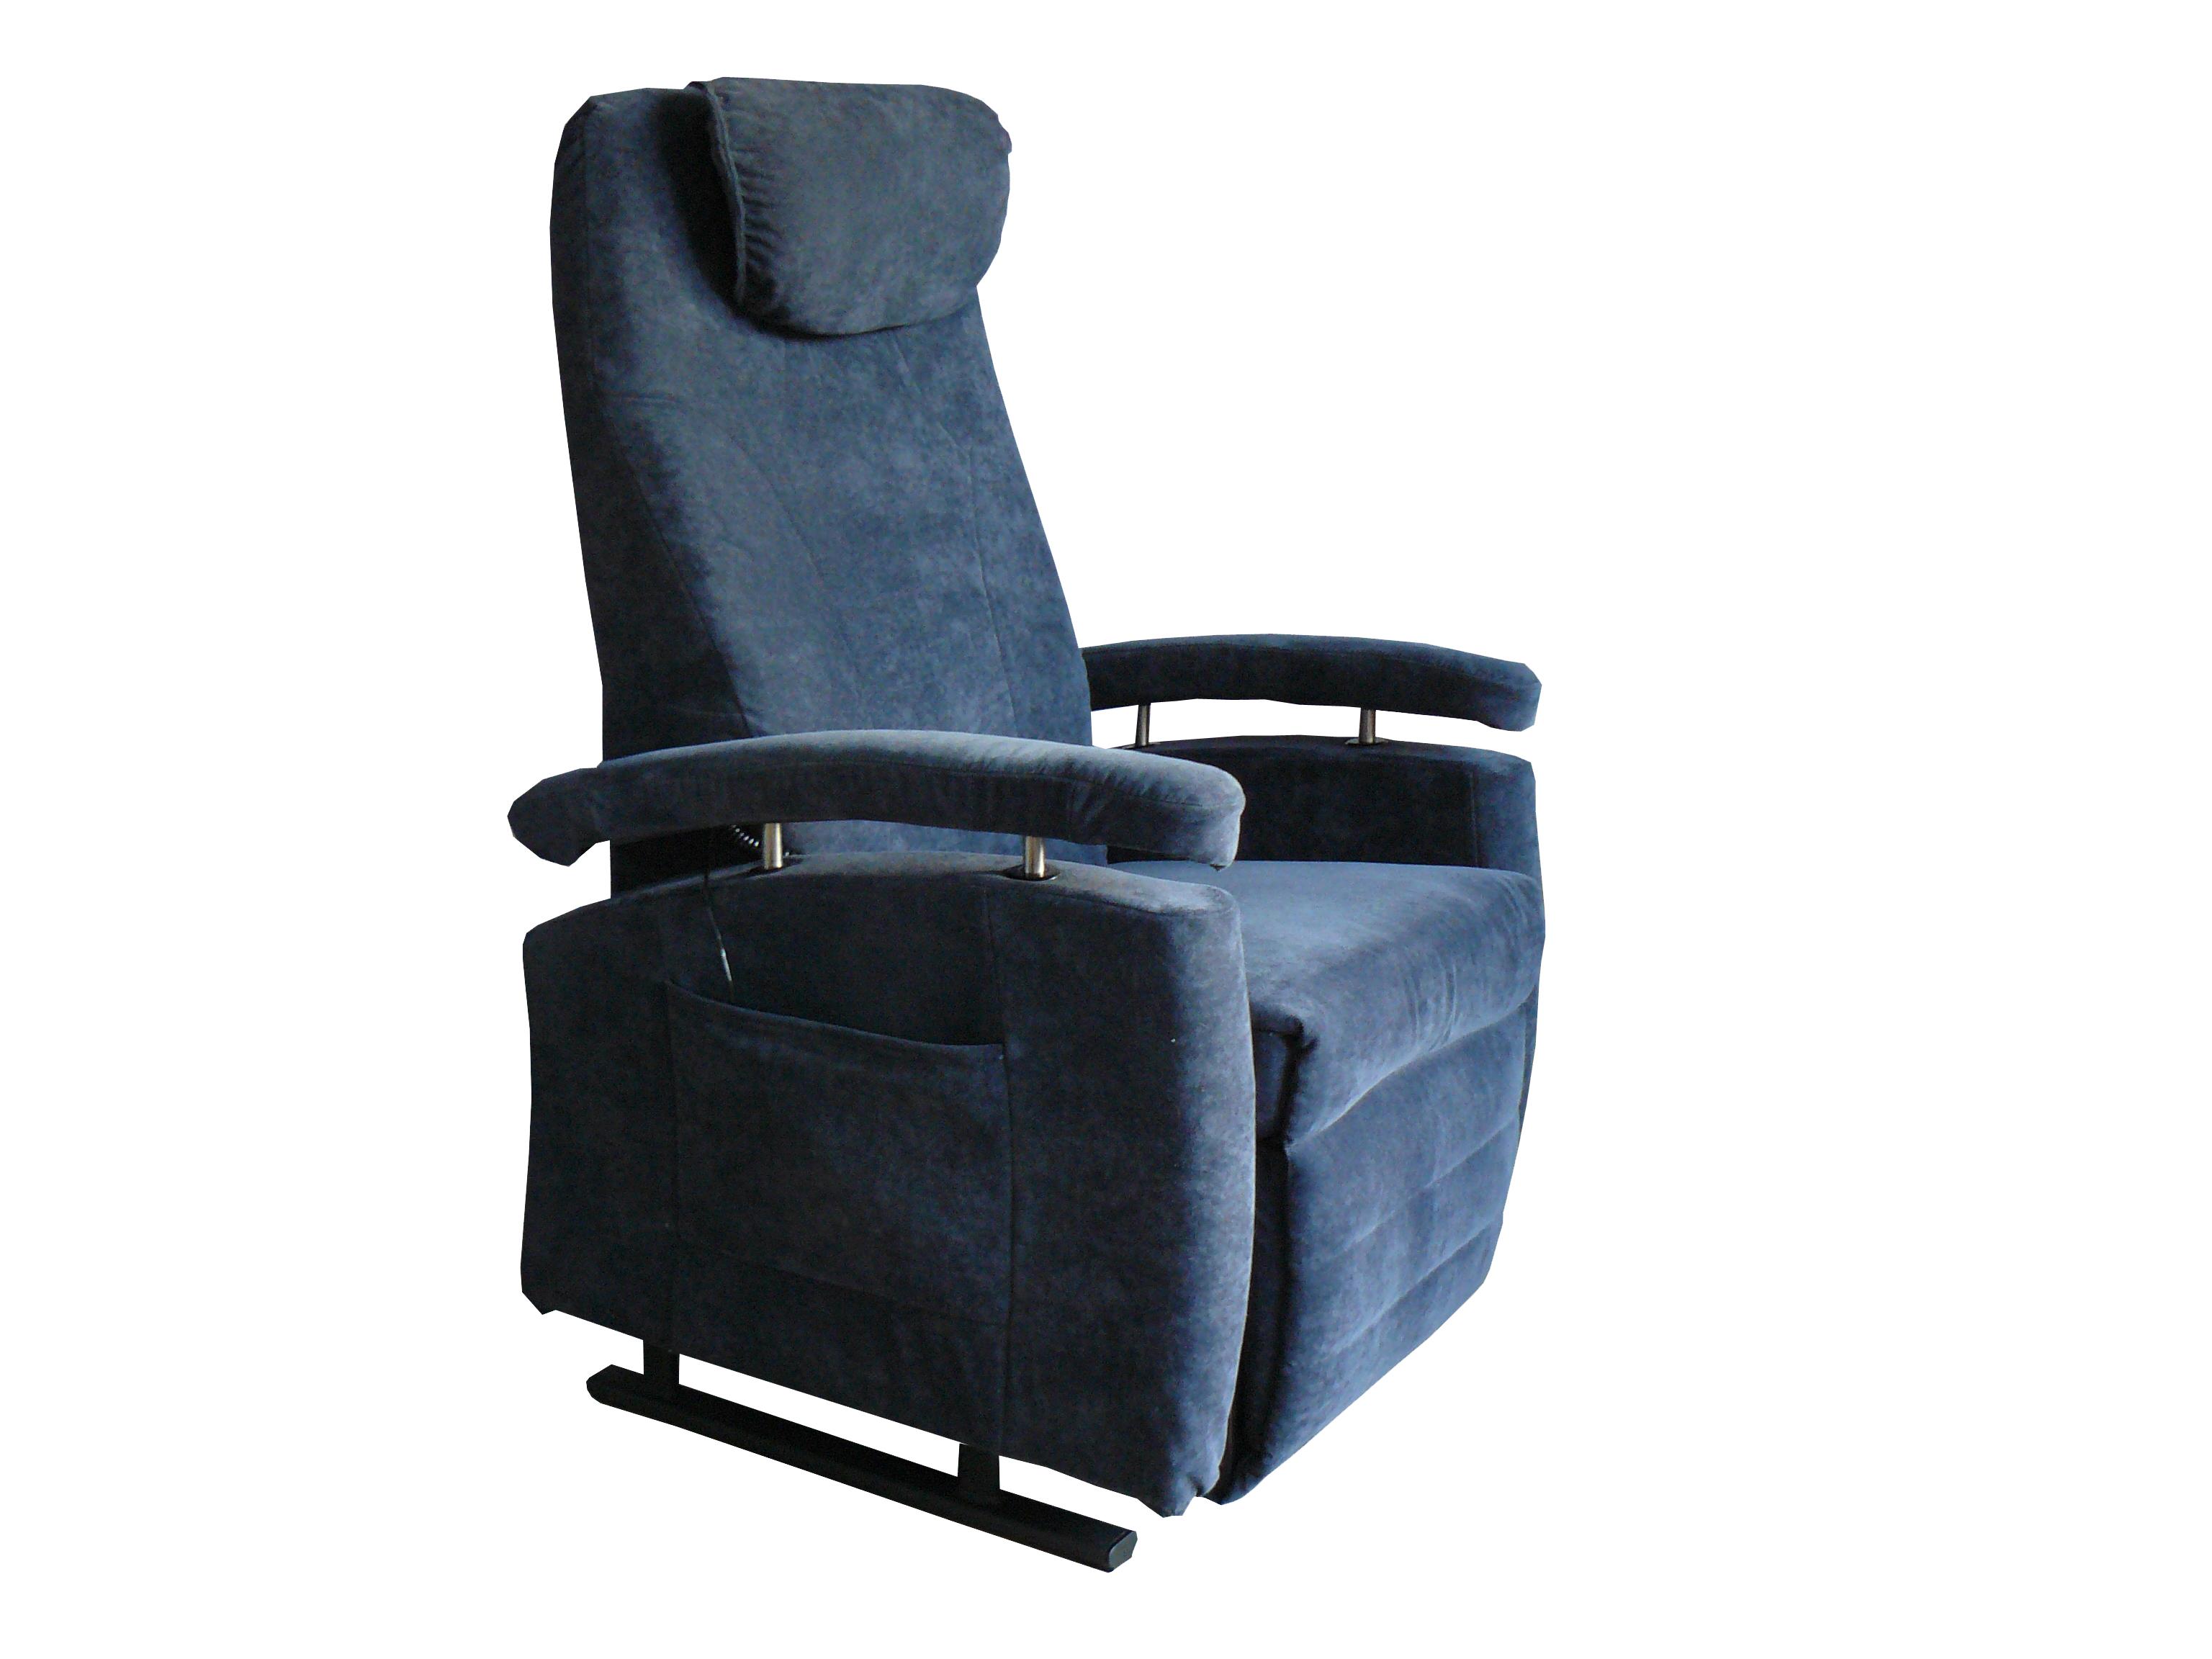 Sta-op stoel vario 570, blauw stof